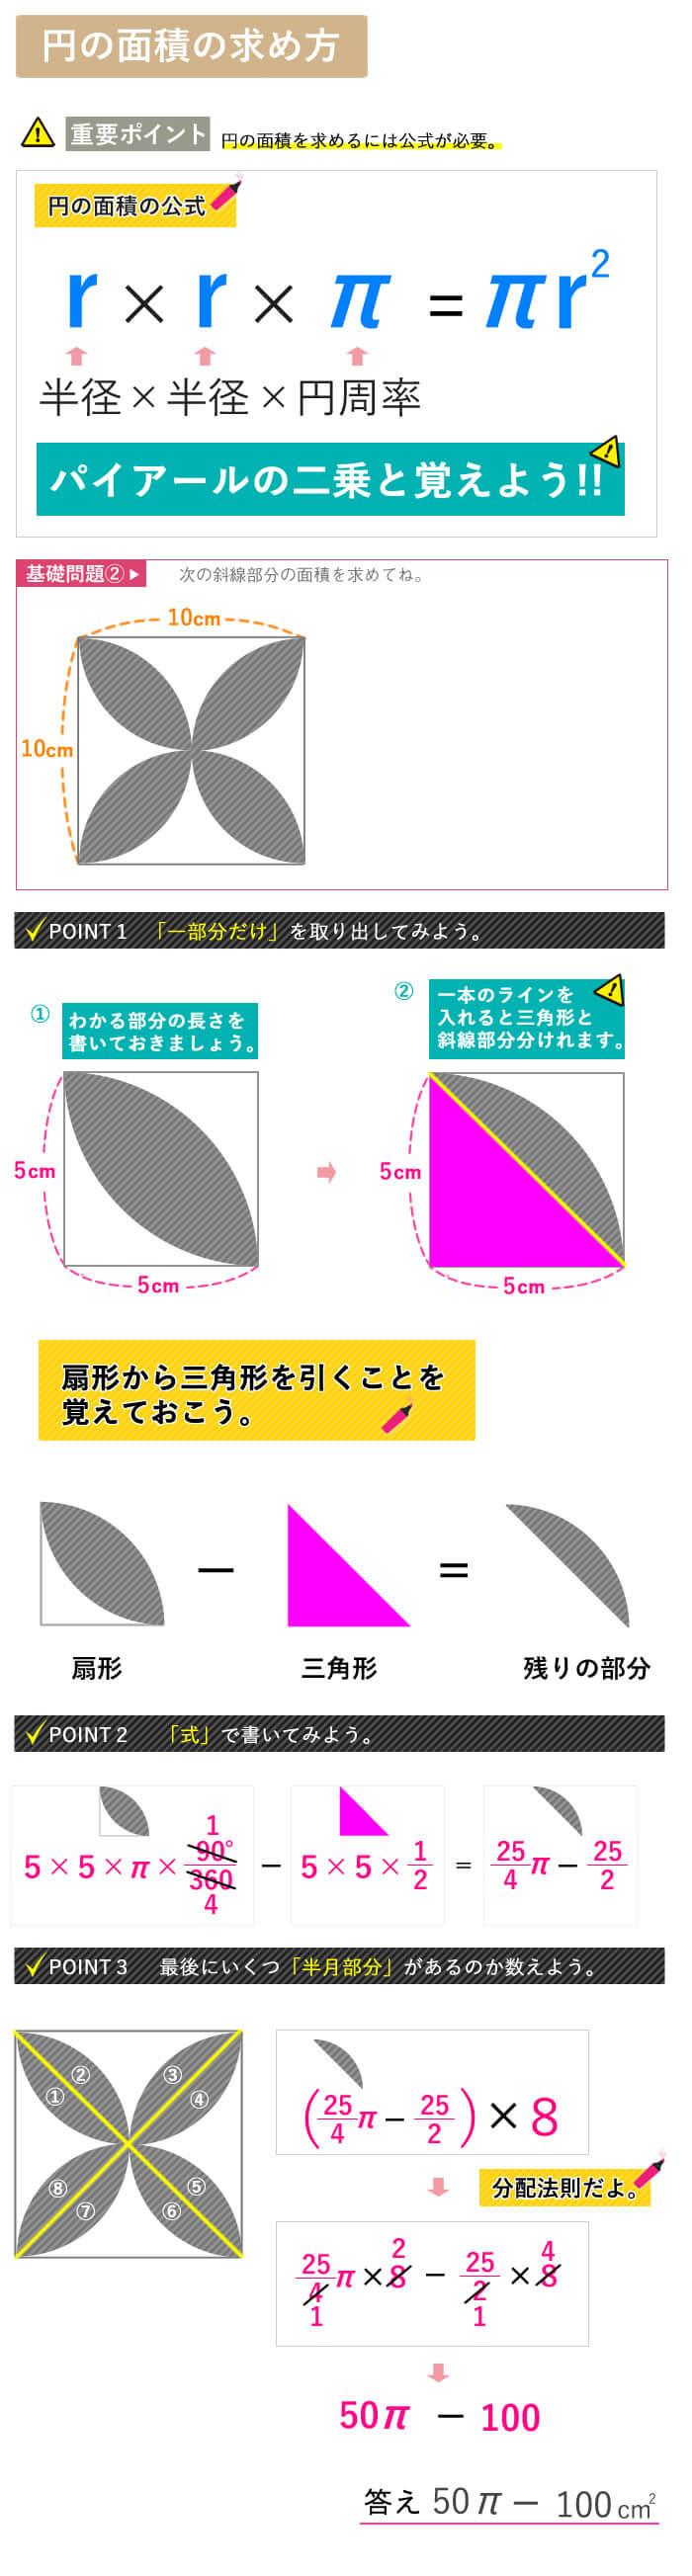 看護予備校大阪KAZアカデミー円の面積の説明